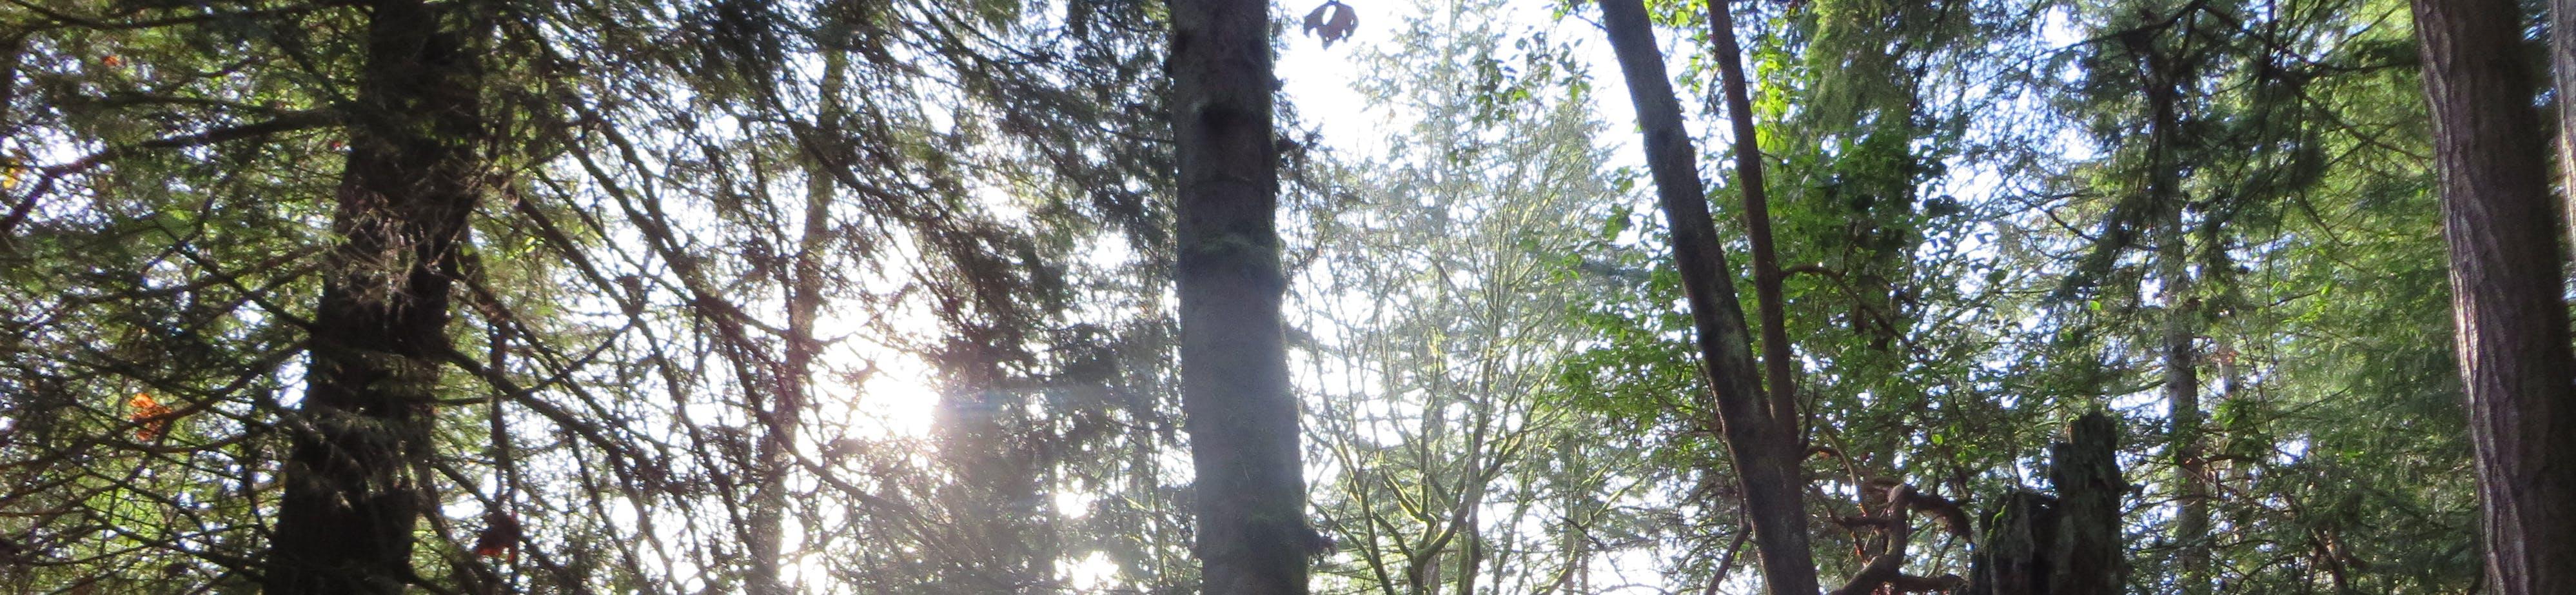 Trees of Bellevue